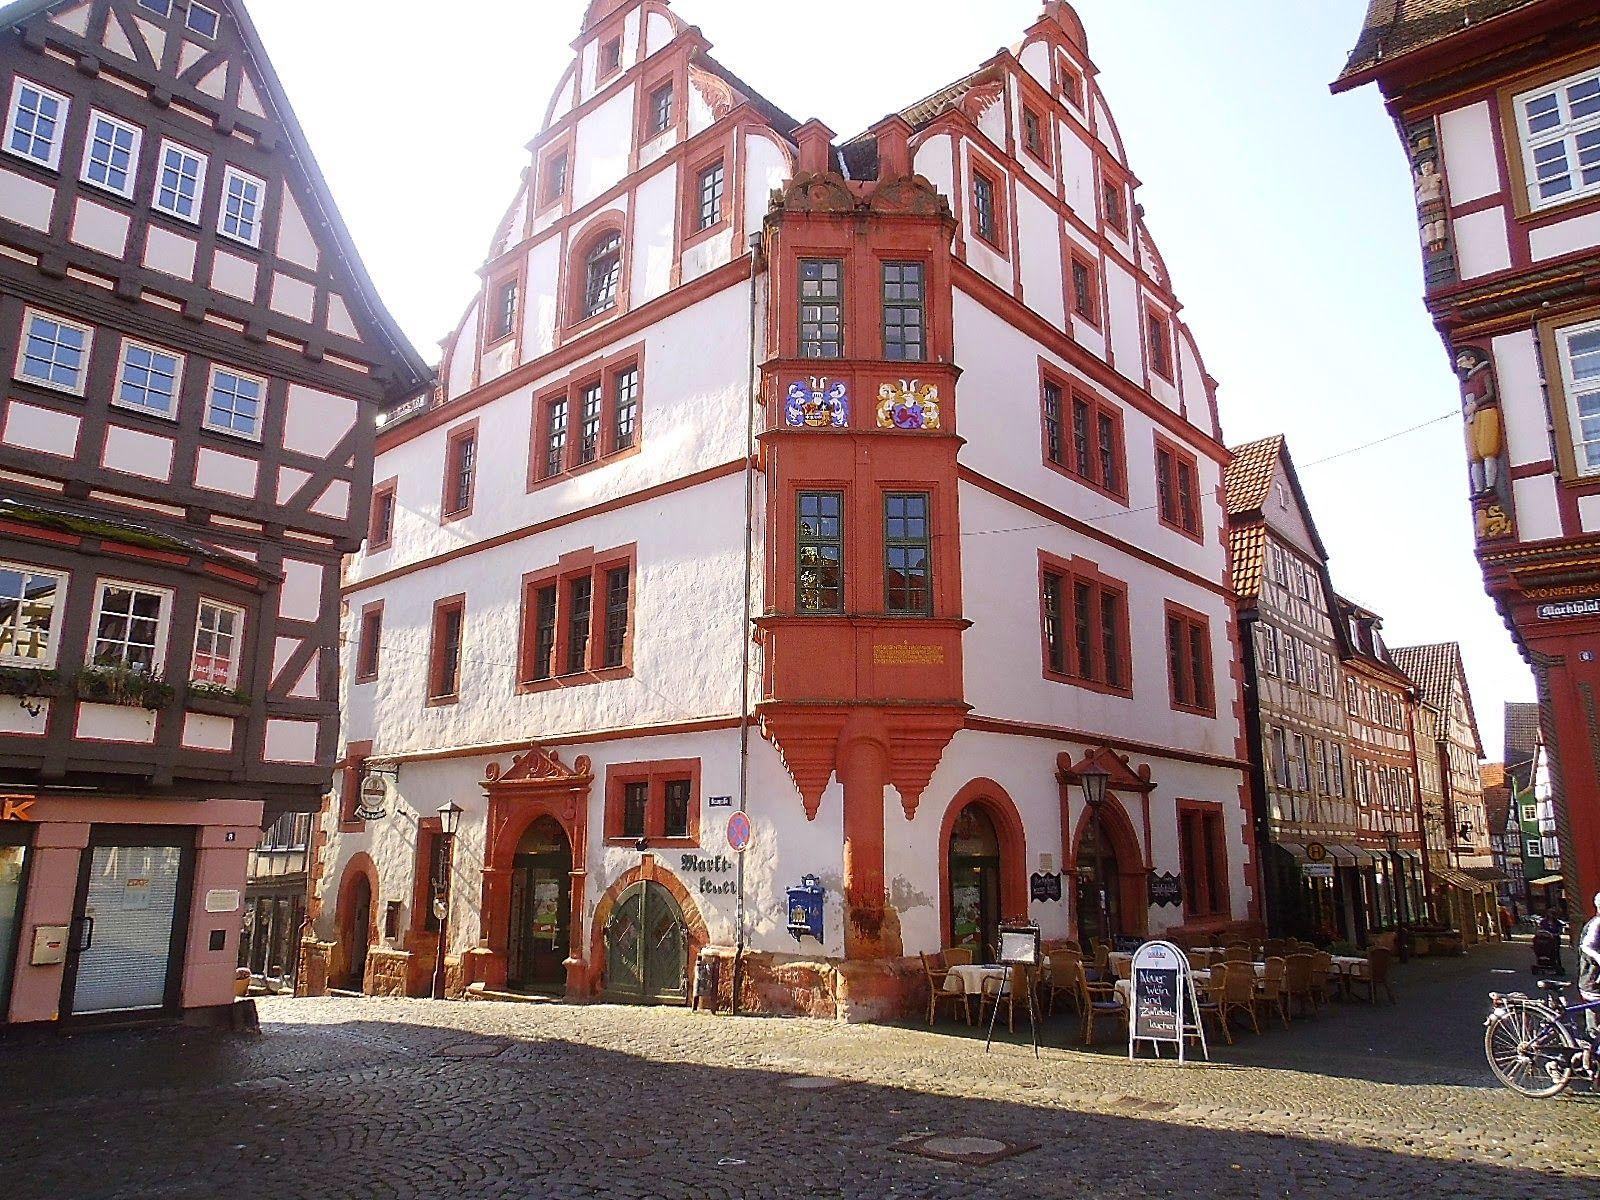 Europäische Modellstadt Alsfeld: Zum Kaffee bei Rotkäppchen  http://www.anderswohin.de/2014/10/europaischen-modellstadt-alsfeld-zum.html